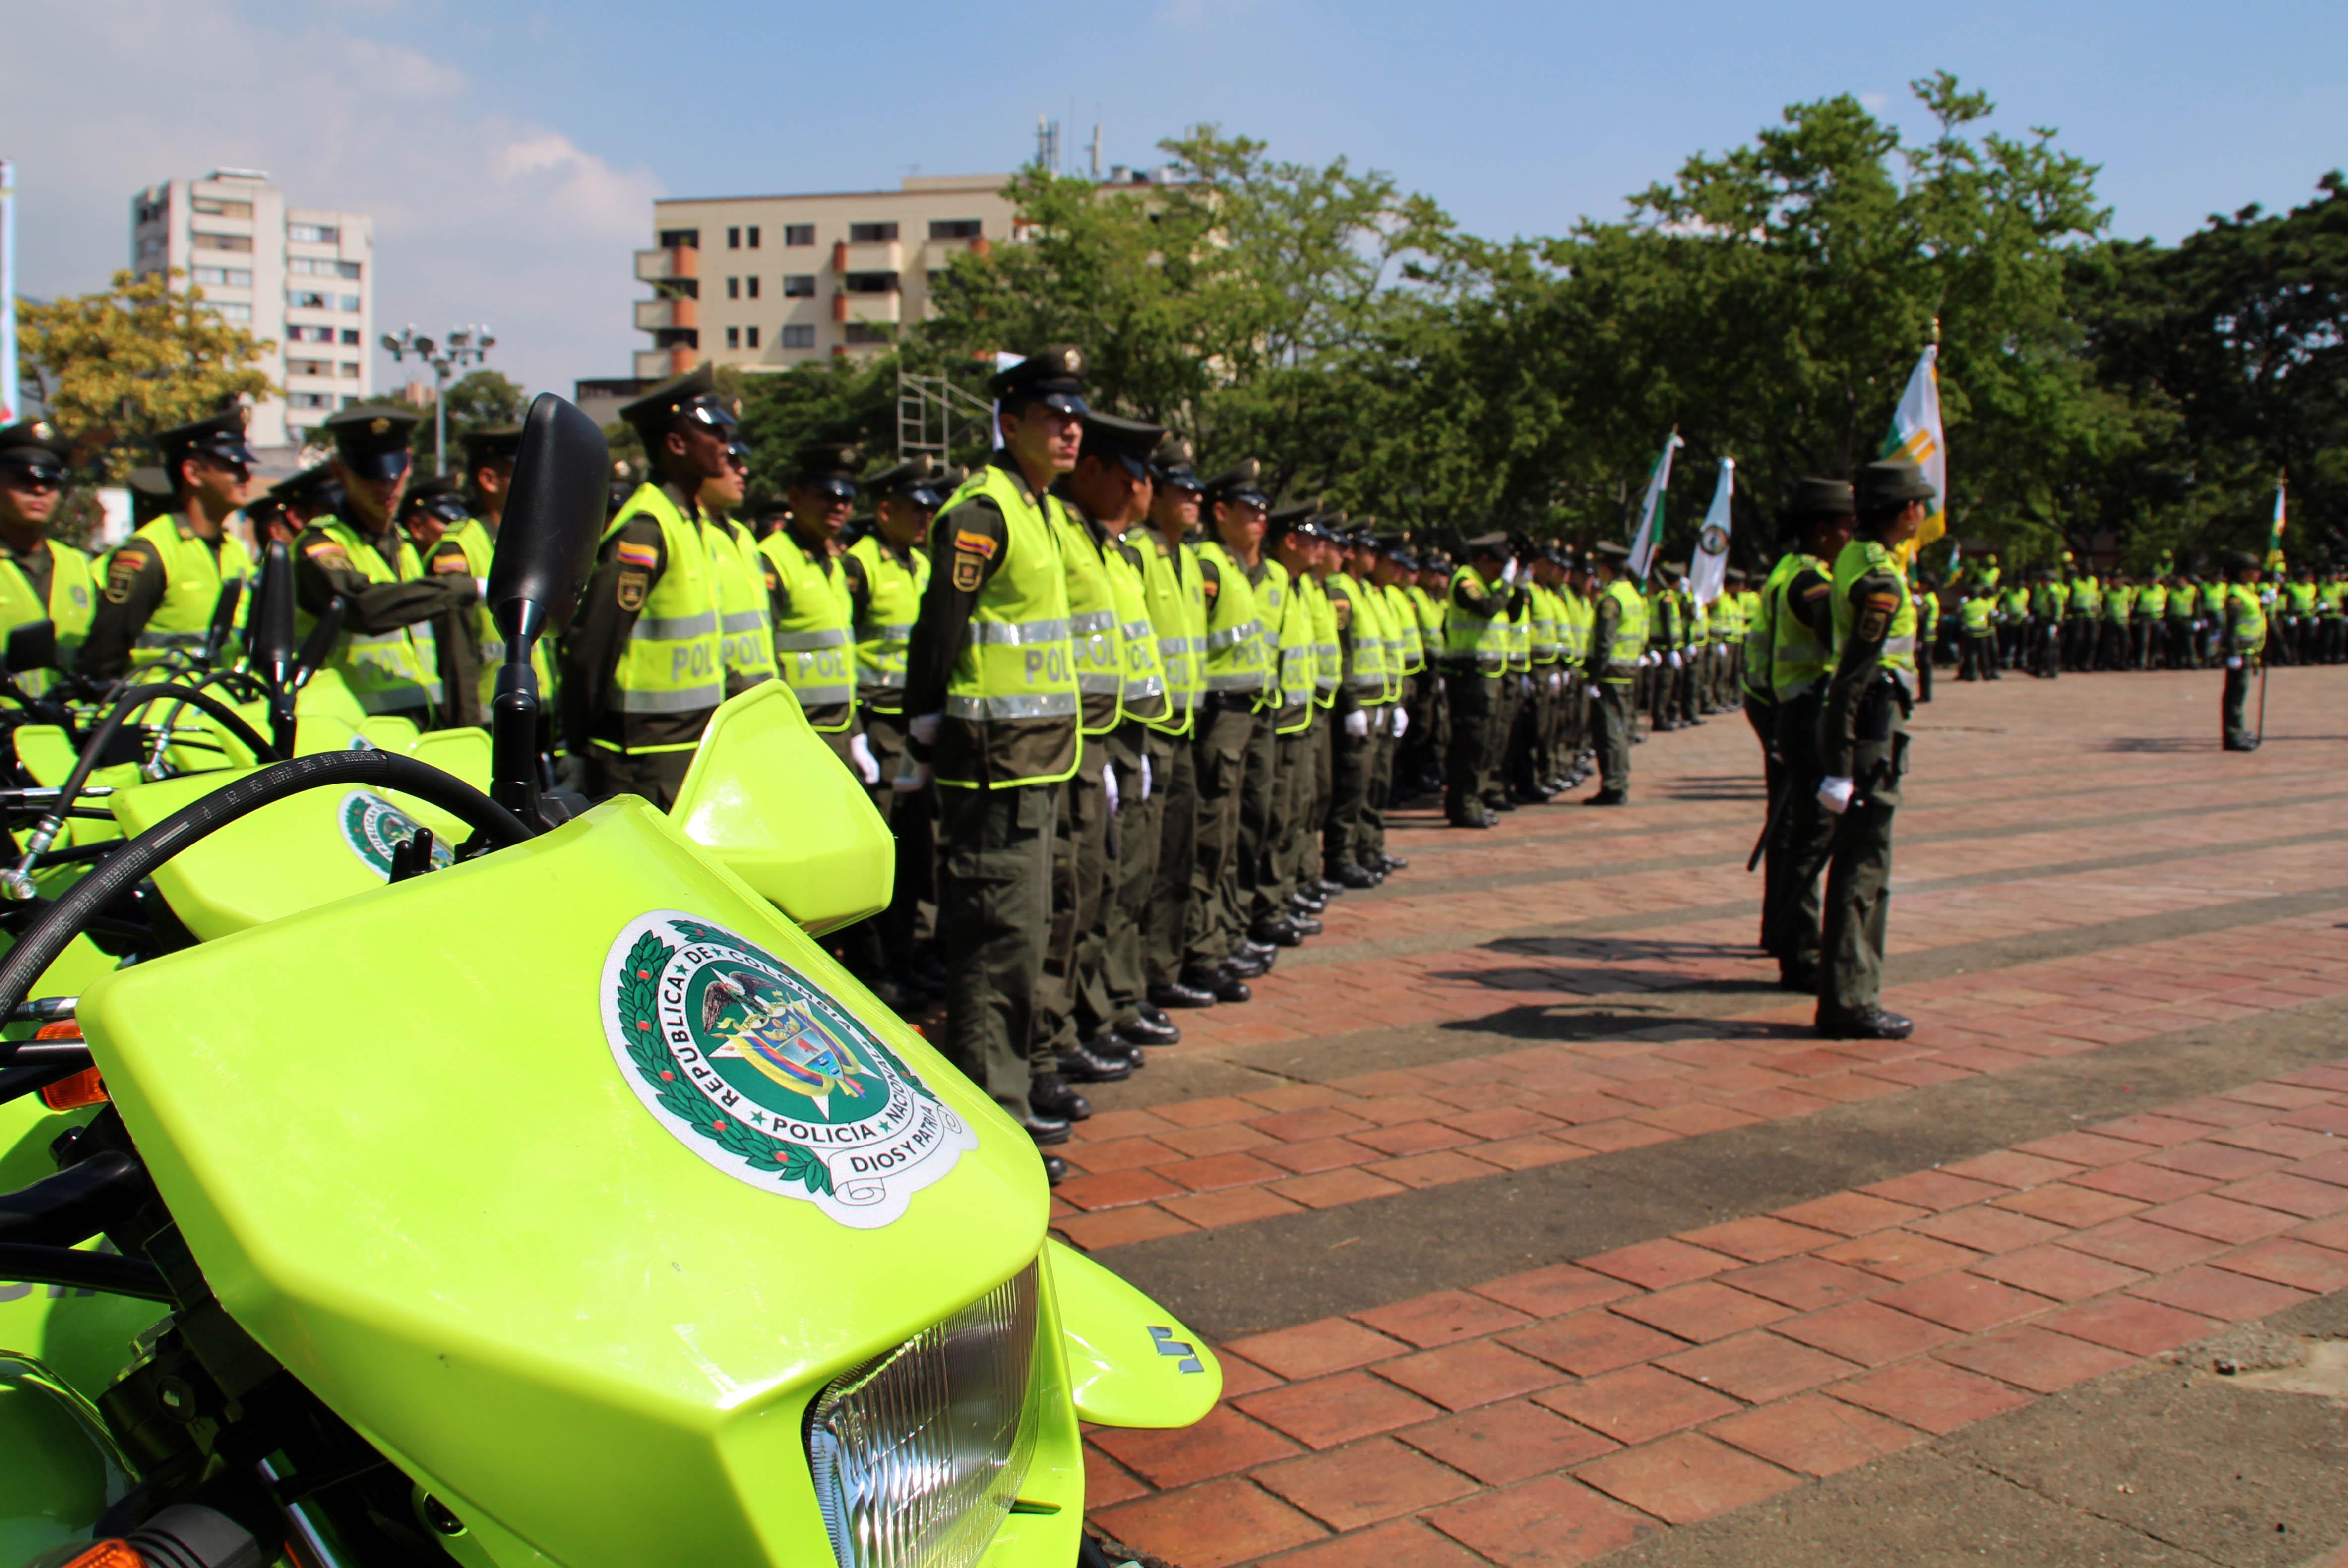 Resultado de imagen para 33.000 Nuevos Policías para combatir la delincuencia